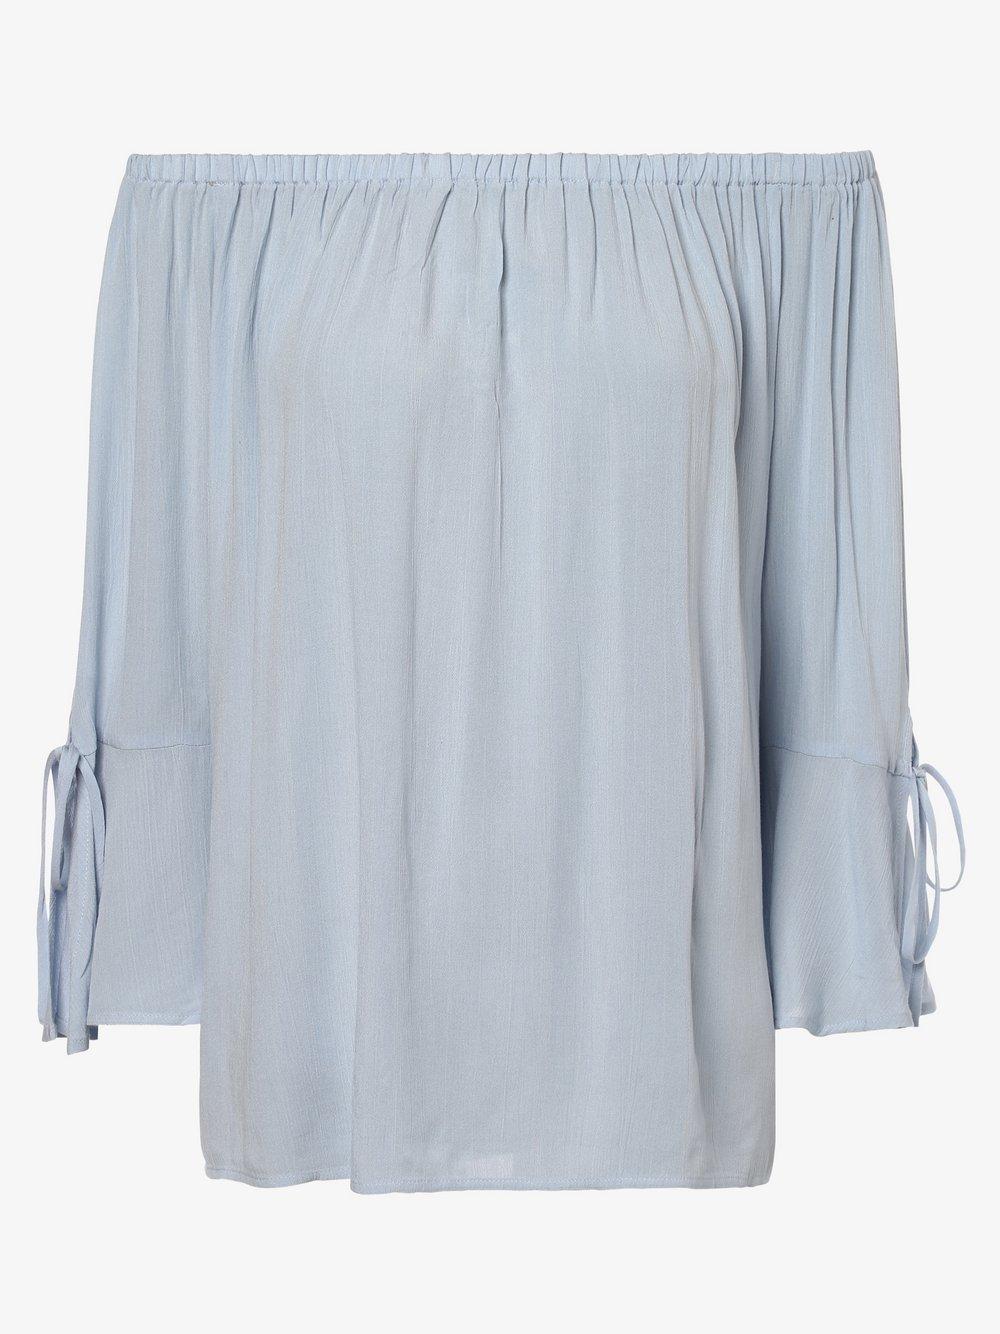 Esprit Casual – Bluzka damska, niebieski Van Graaf 471805-0001-00360